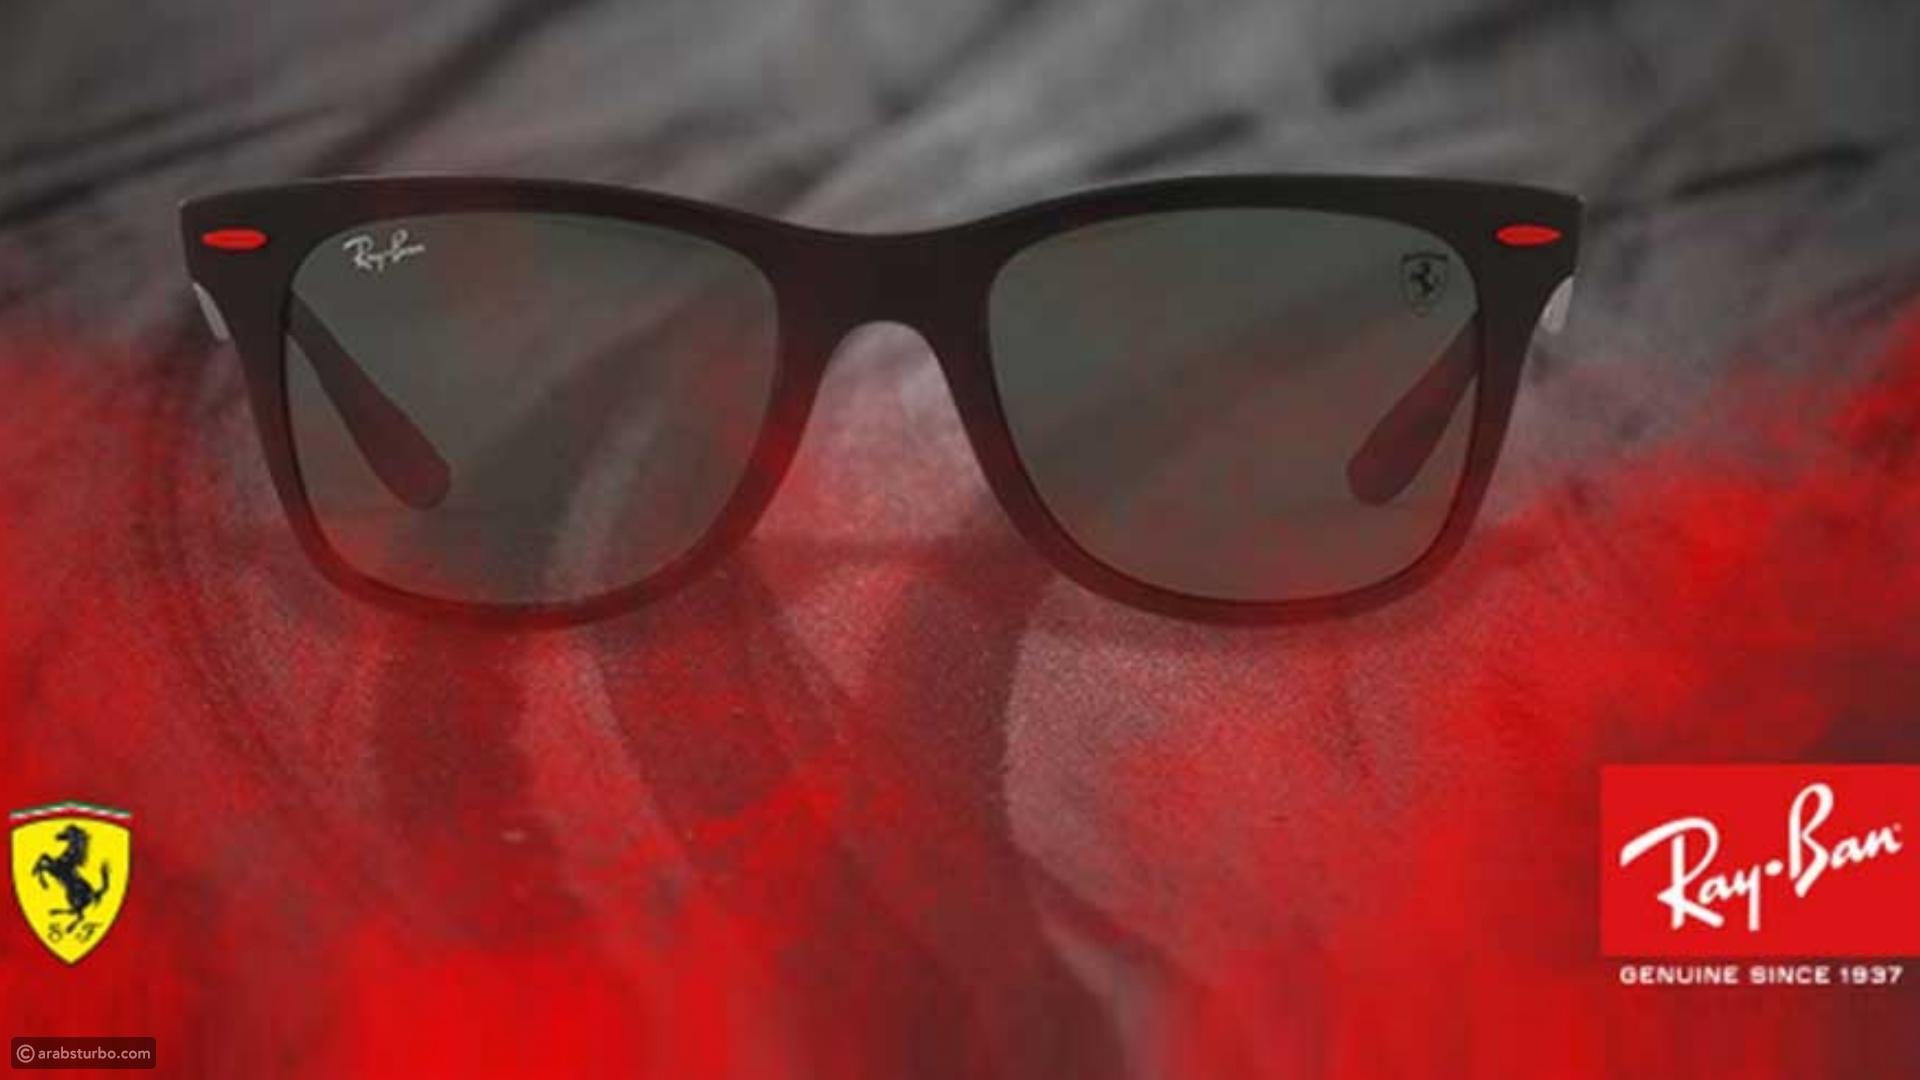 10 من أجدد وأجمل نظارات فيراري الشمسية تيربو العرب